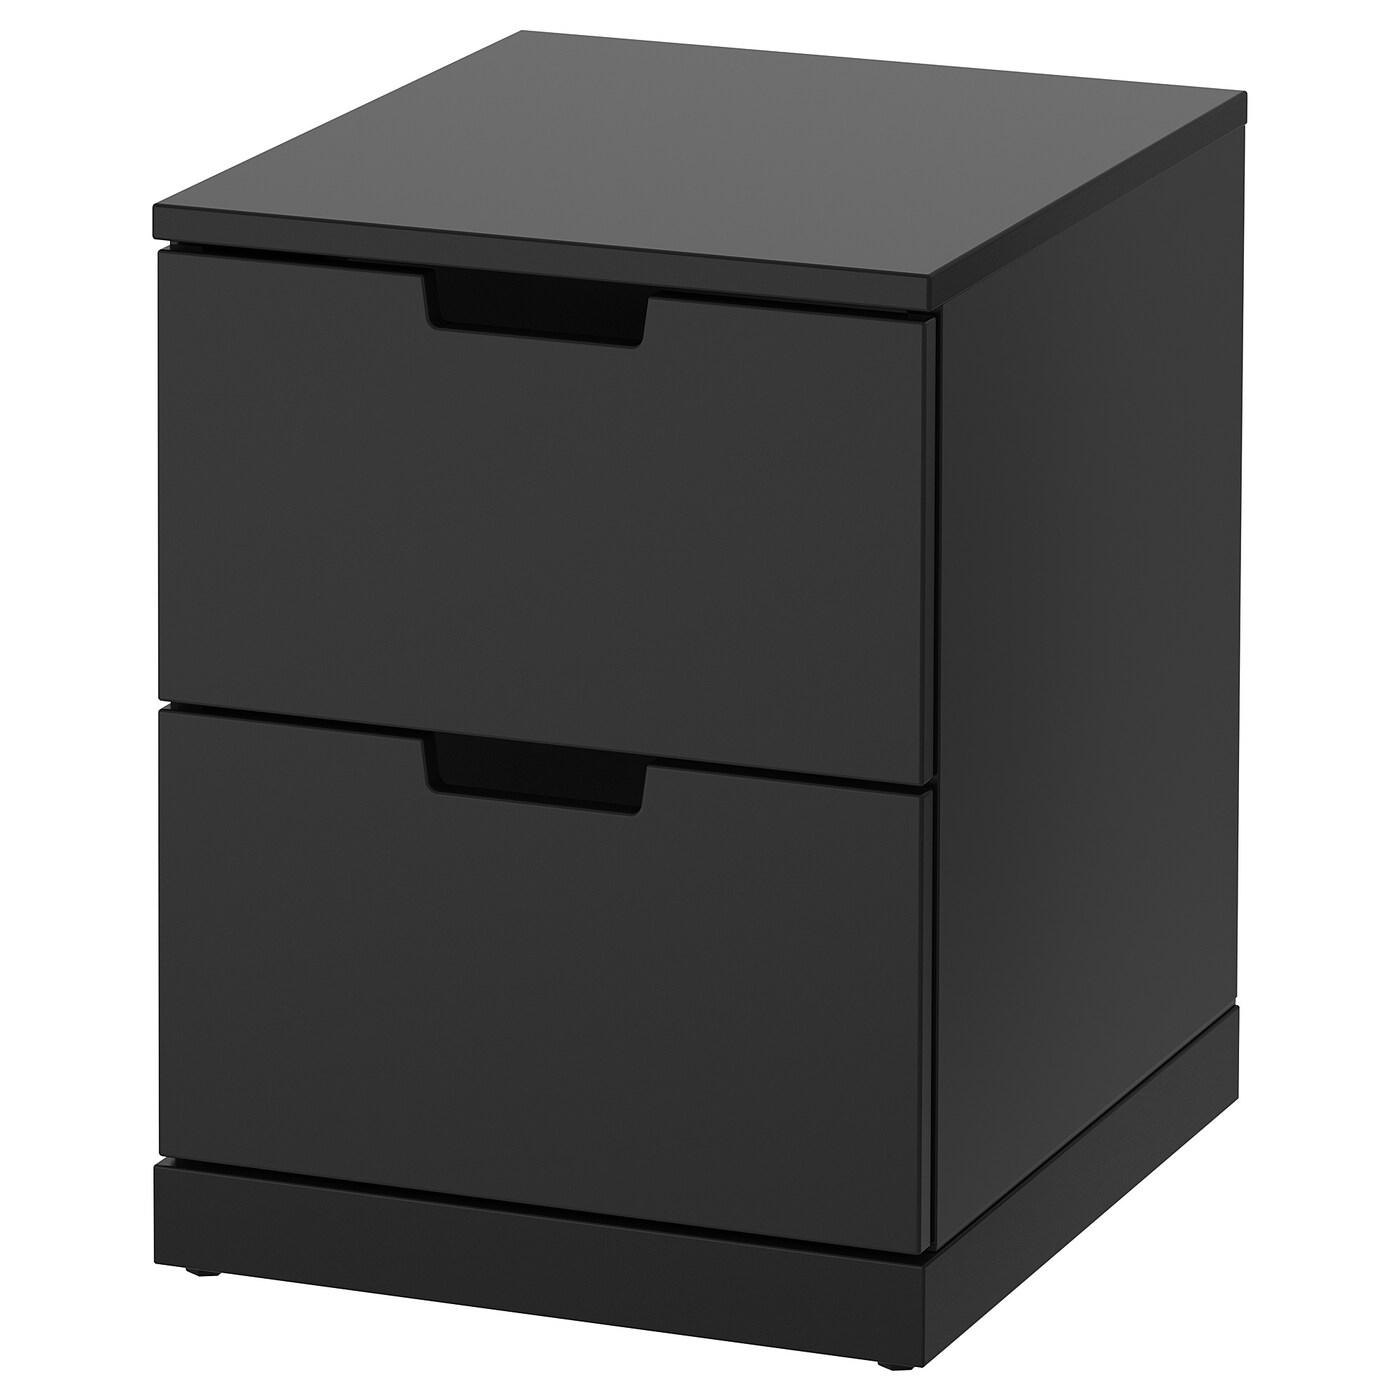 IKEA NORDLI antracytowa komoda z dwiema szufladami, 40x54 cm